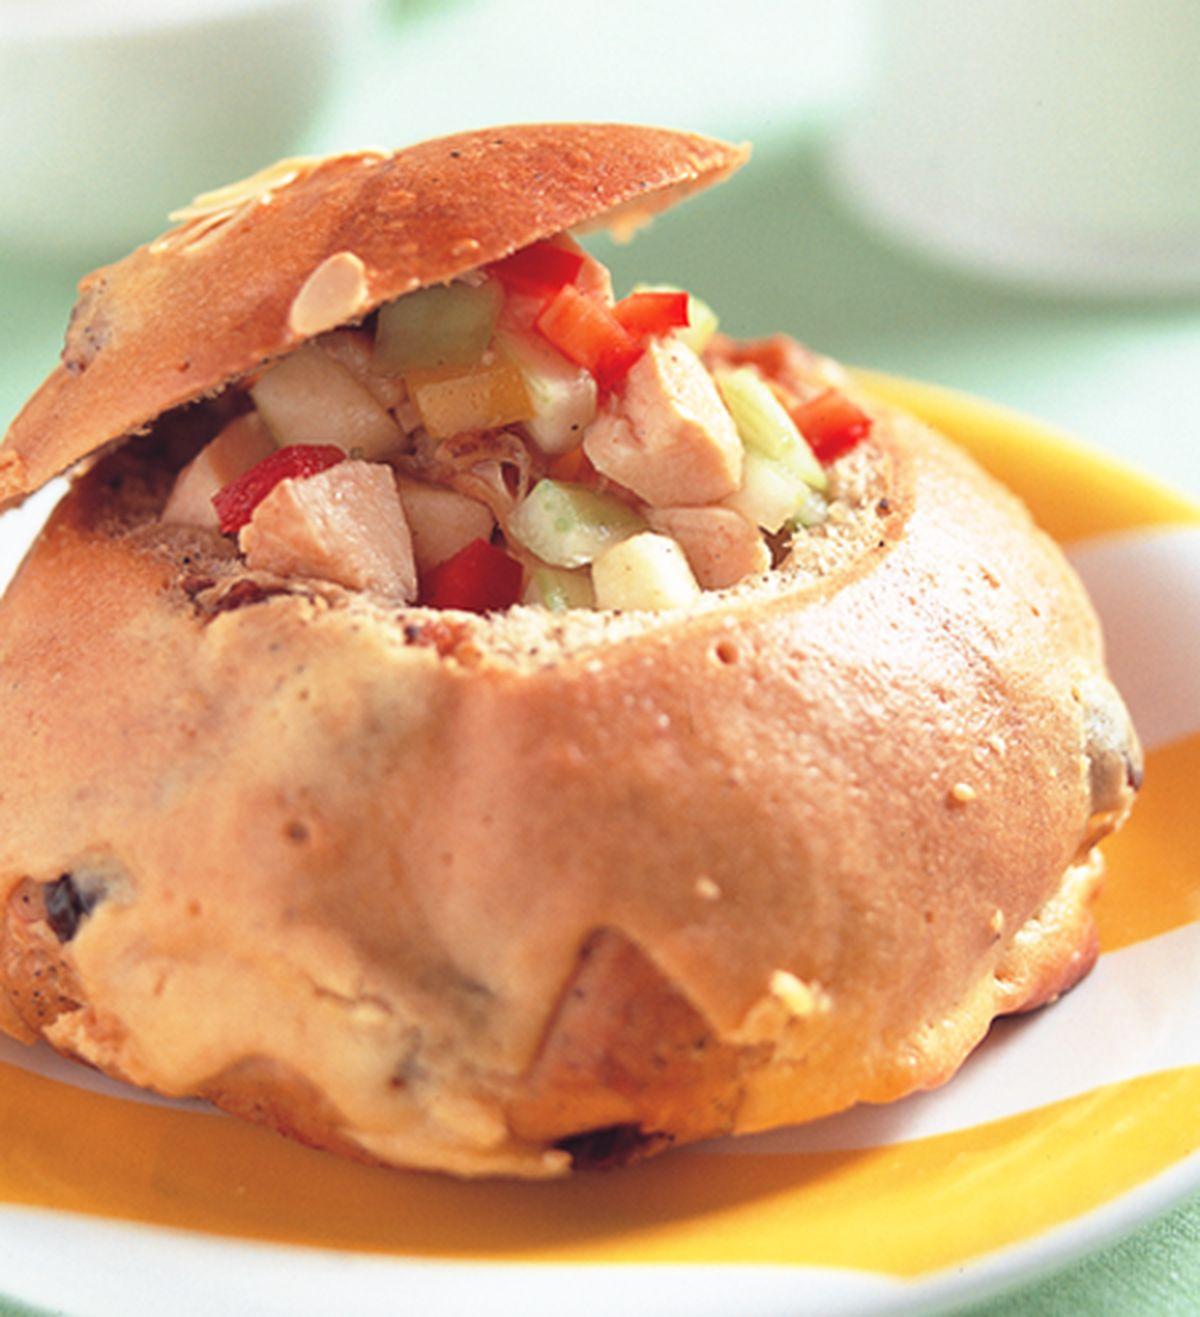 食譜:雞肉蘋果沙拉堡